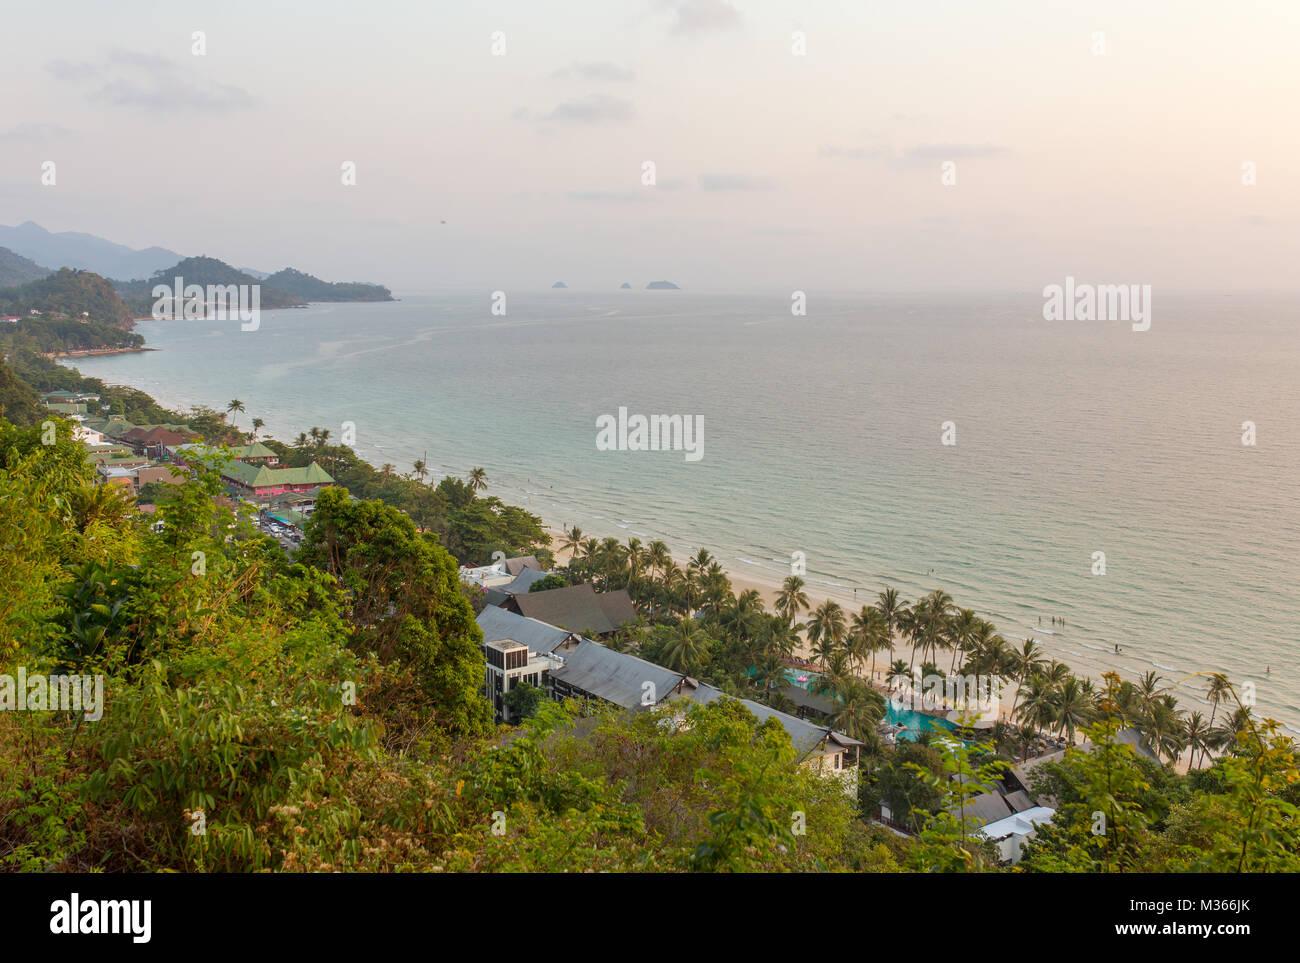 Belle vue de paysage tropical White Sands Beach, Koh Chang, Trat, Thaïlande. Banque D'Images